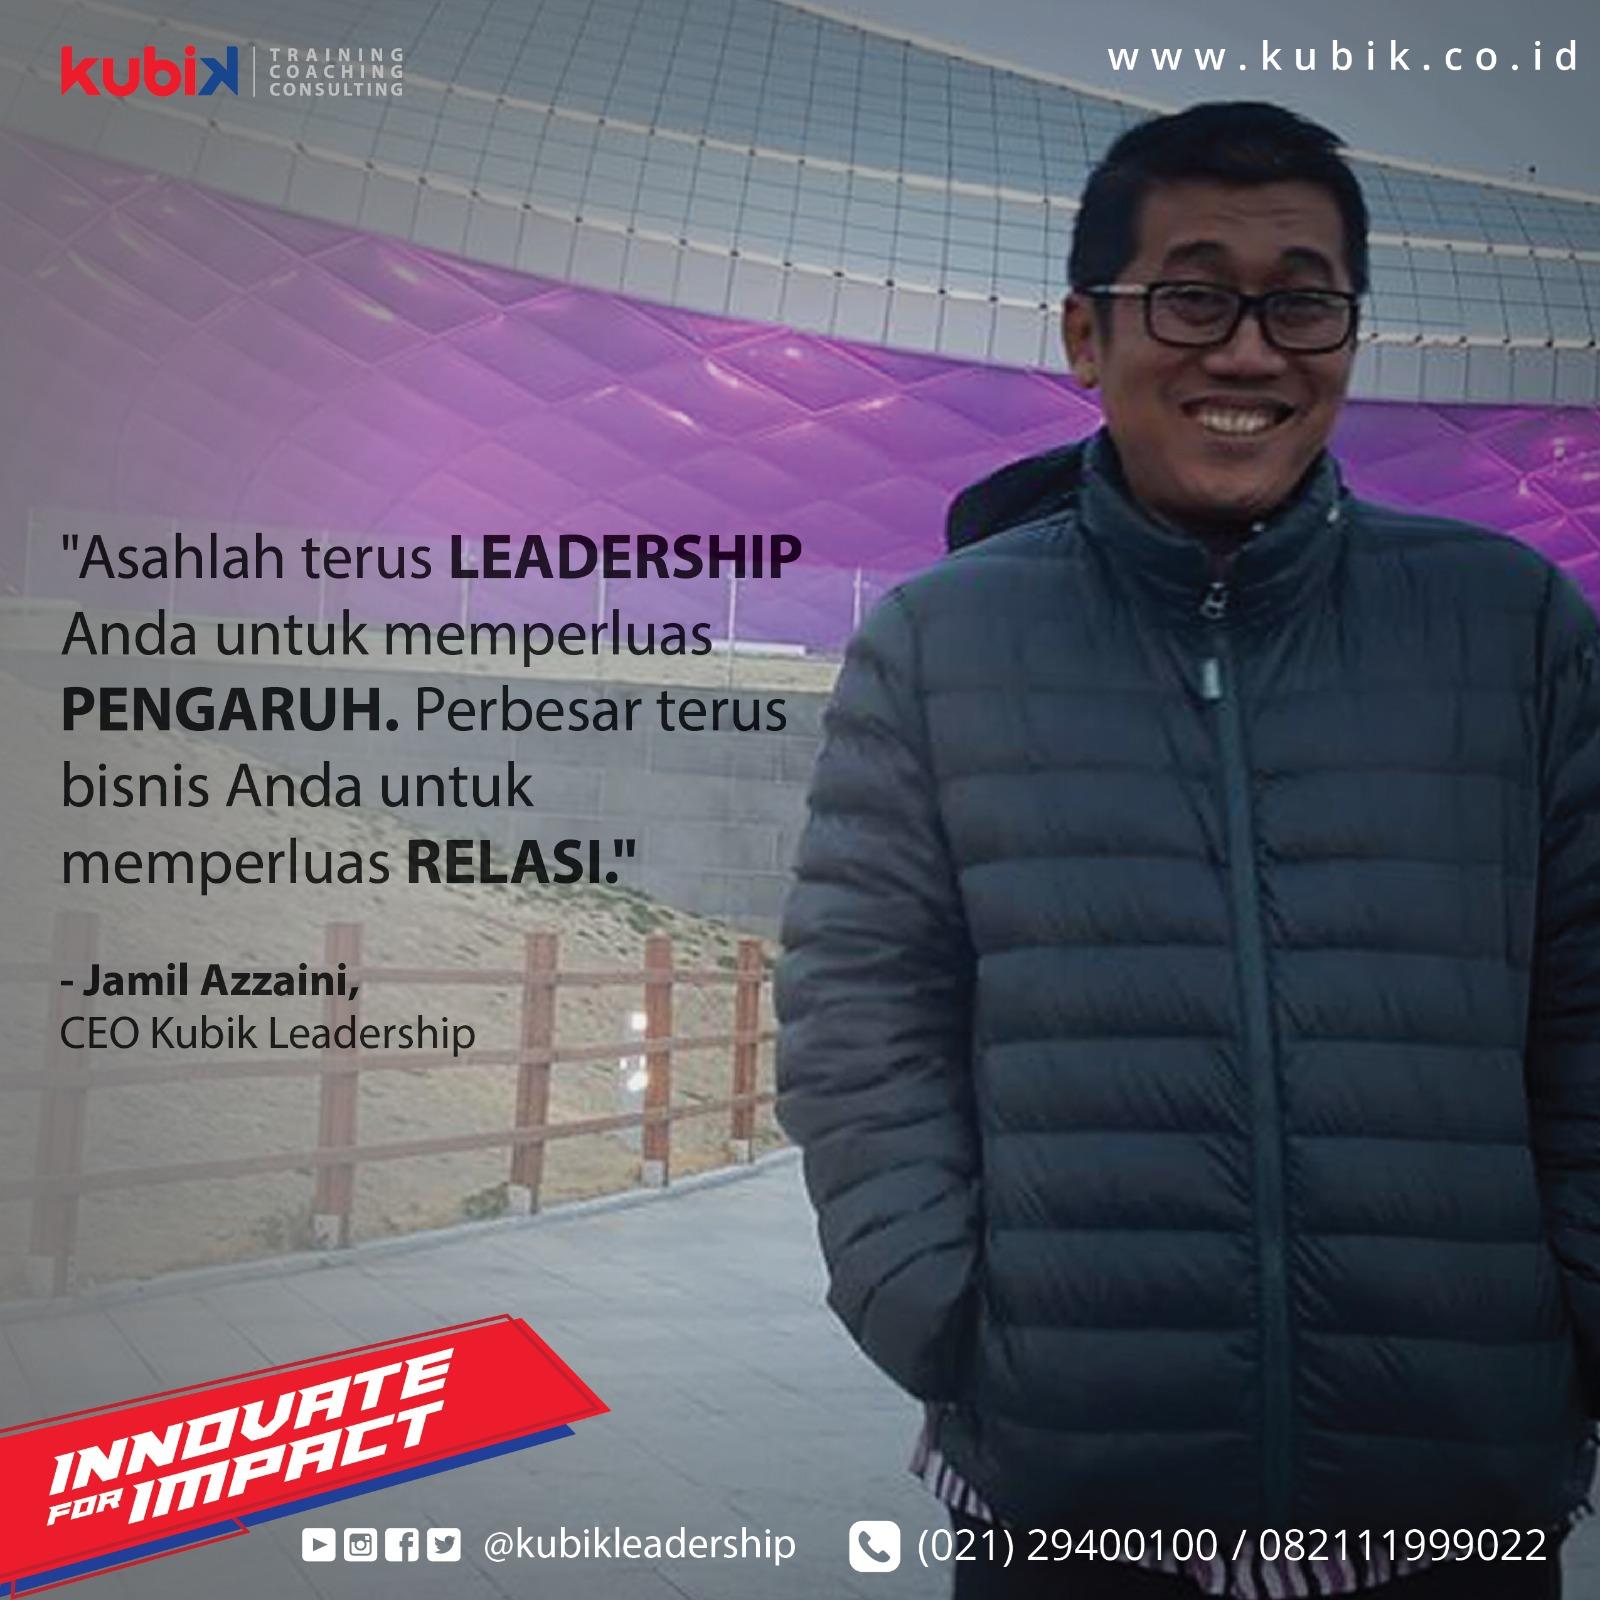 Jadilah Pemimpin Yang Berpengaruh